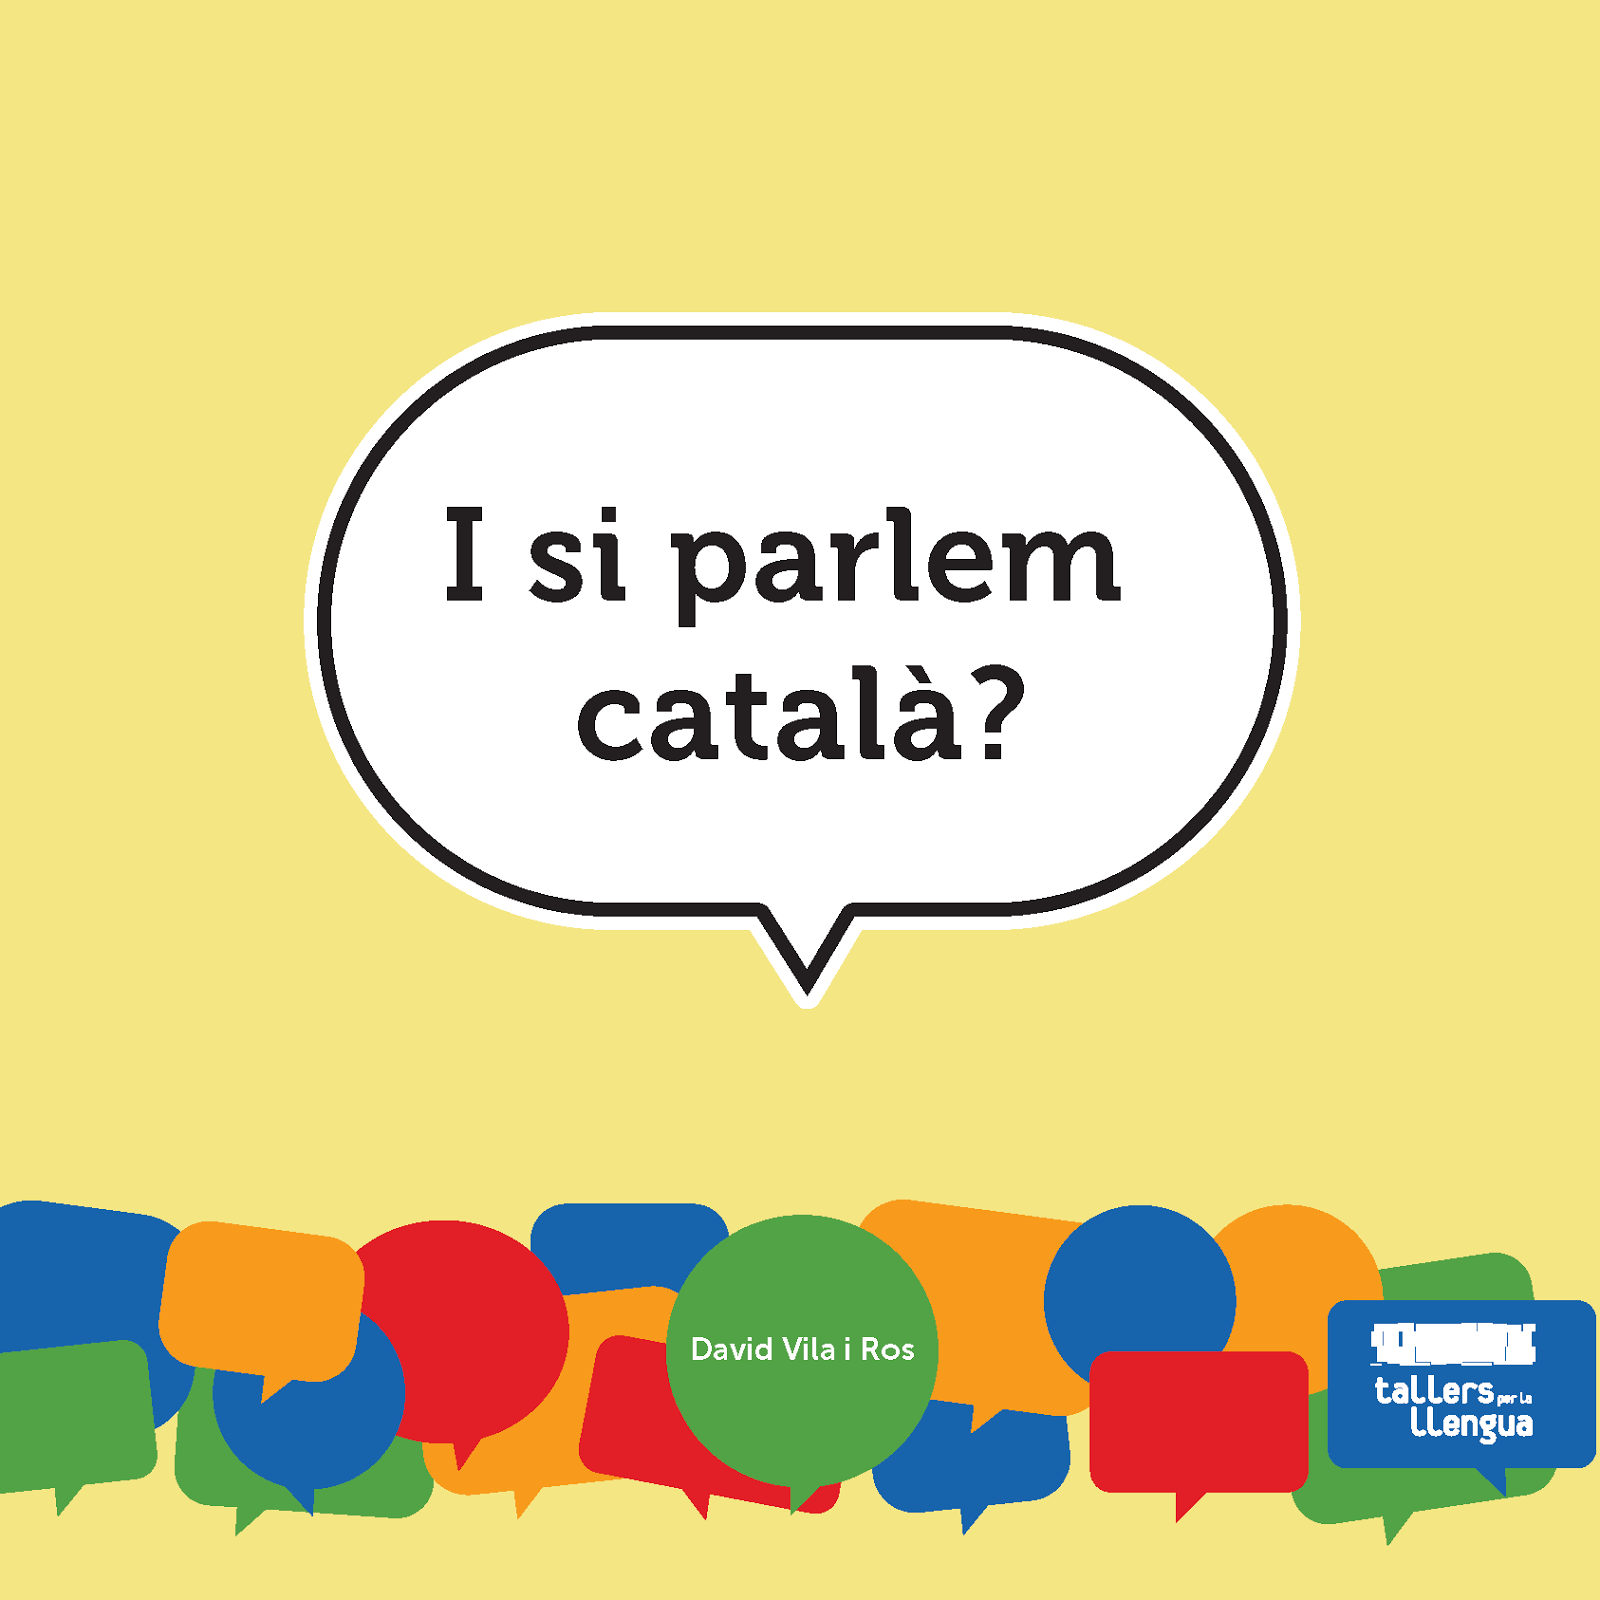 Presentació 'I si parlem català?' a Moià, divendres 10 a les 8 a la biblioteca